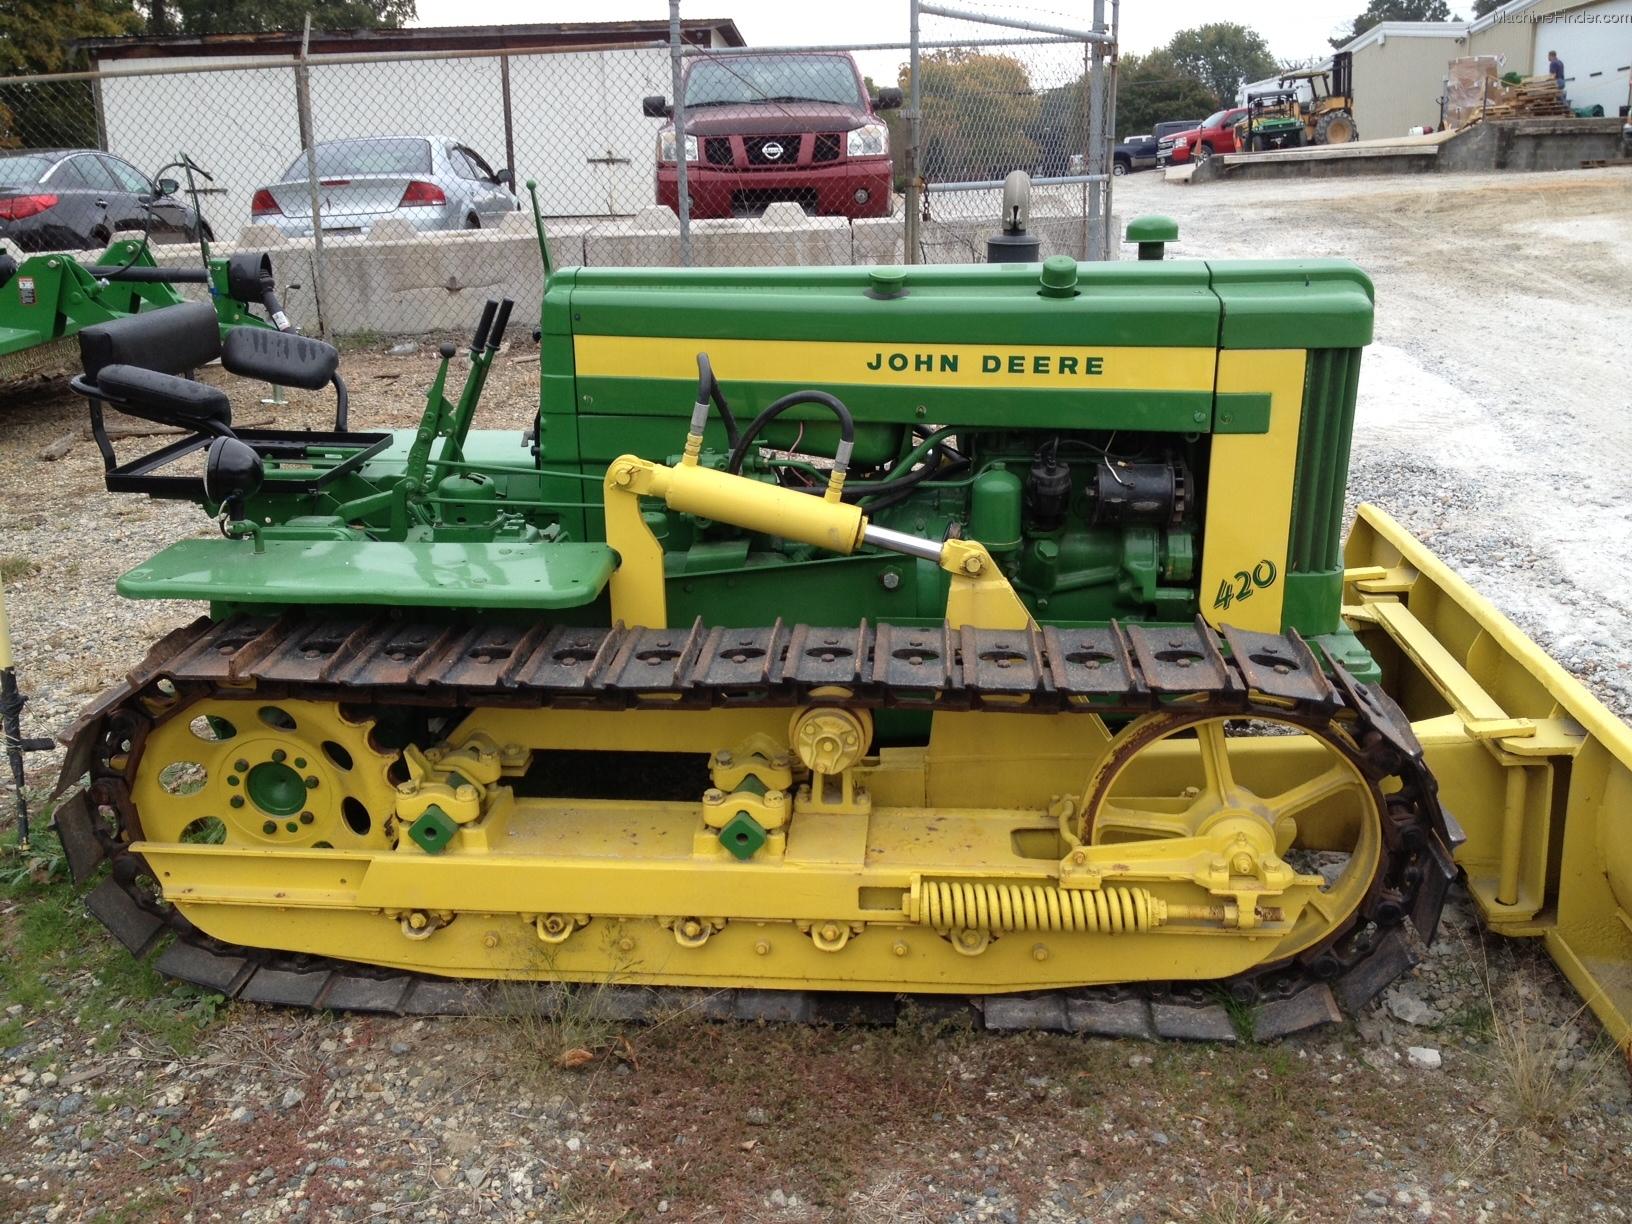 1957 John Deere 420 C Tractors Row Crop 100hp John Deere Machinefinder